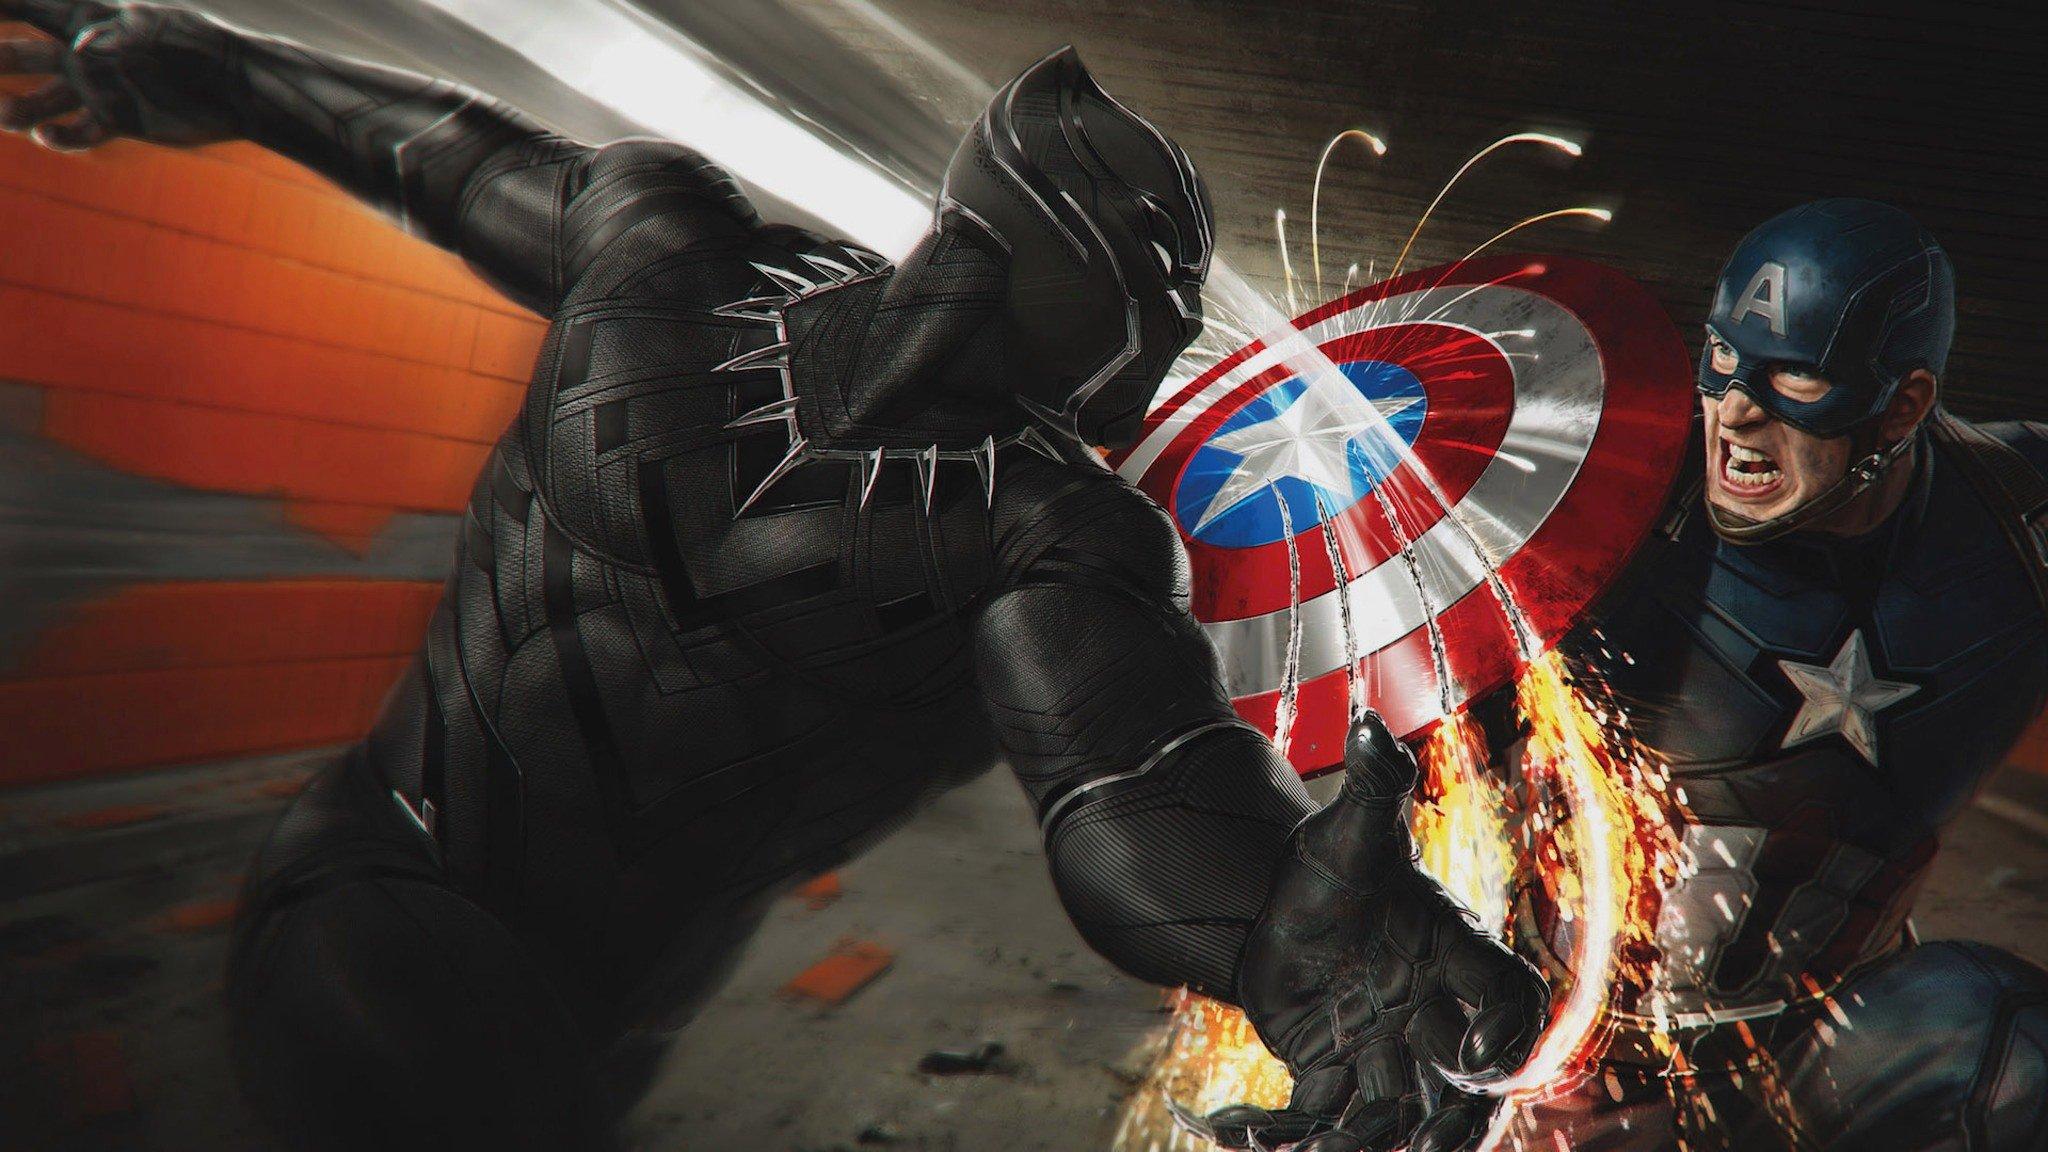 captain america civil war wallpapers hd for desktop